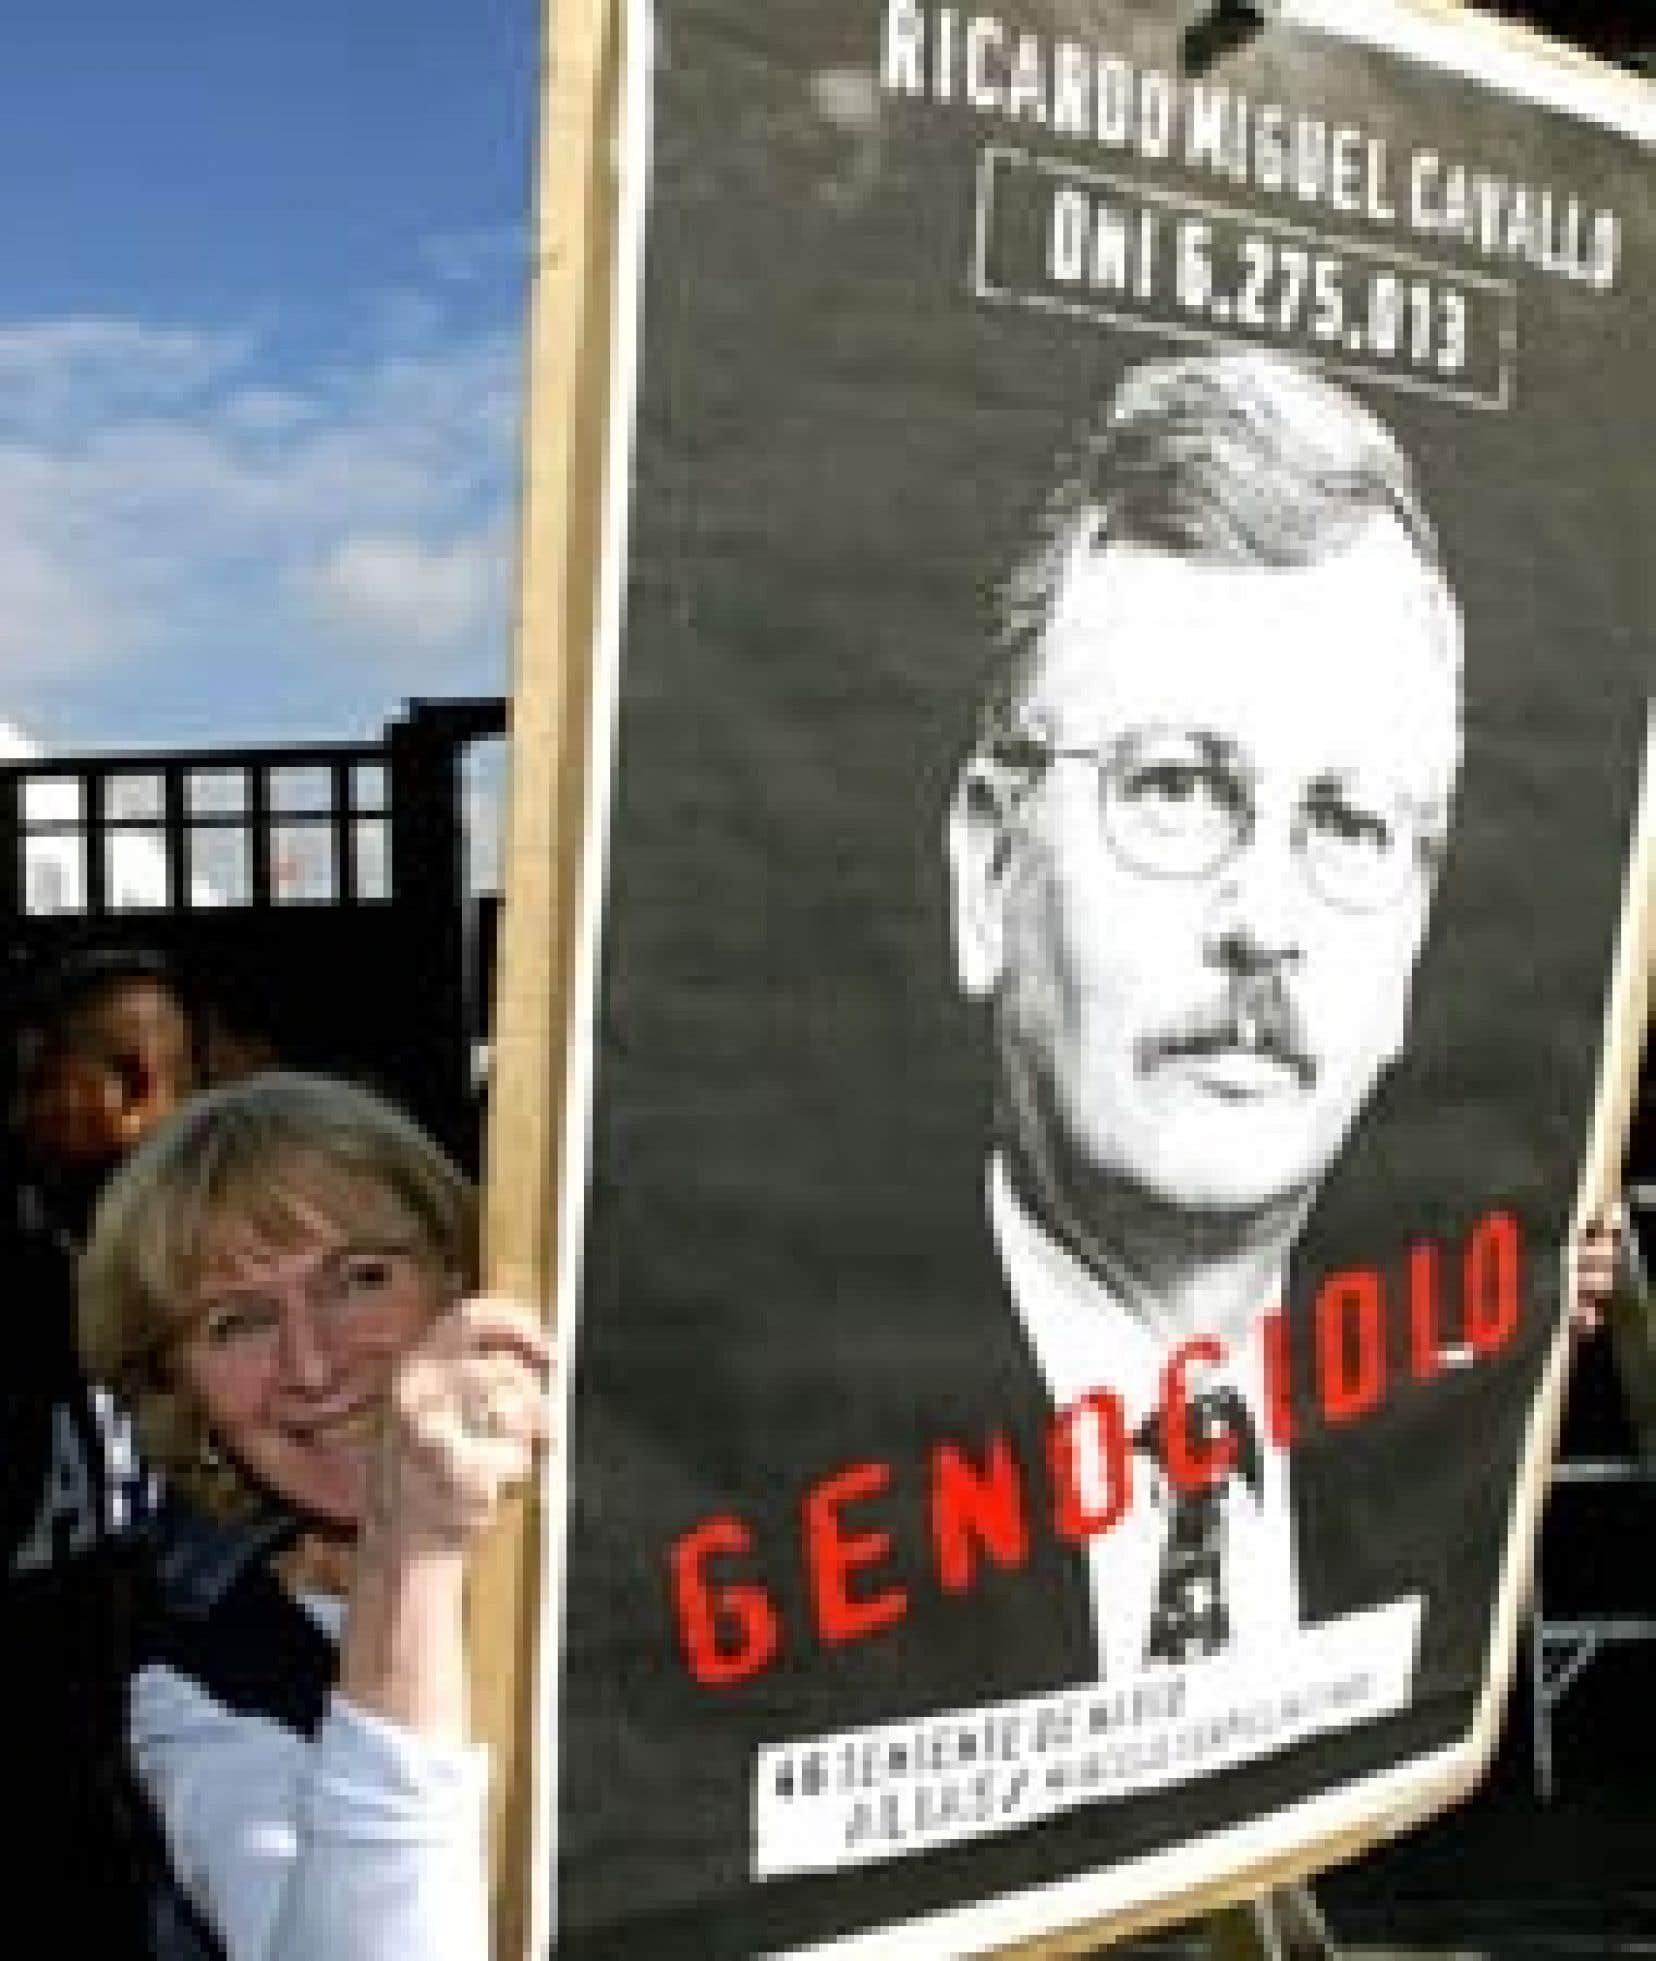 À Mexico, une Argentine a «salué» l'extradition par le Mexique de Ricardo Miguel Cavallo, qui fera face en Espagne à des accusations de terrorisme et de génocide pour son rôle dans «la sale guerre» menée contre l'opposition sous la dictatur